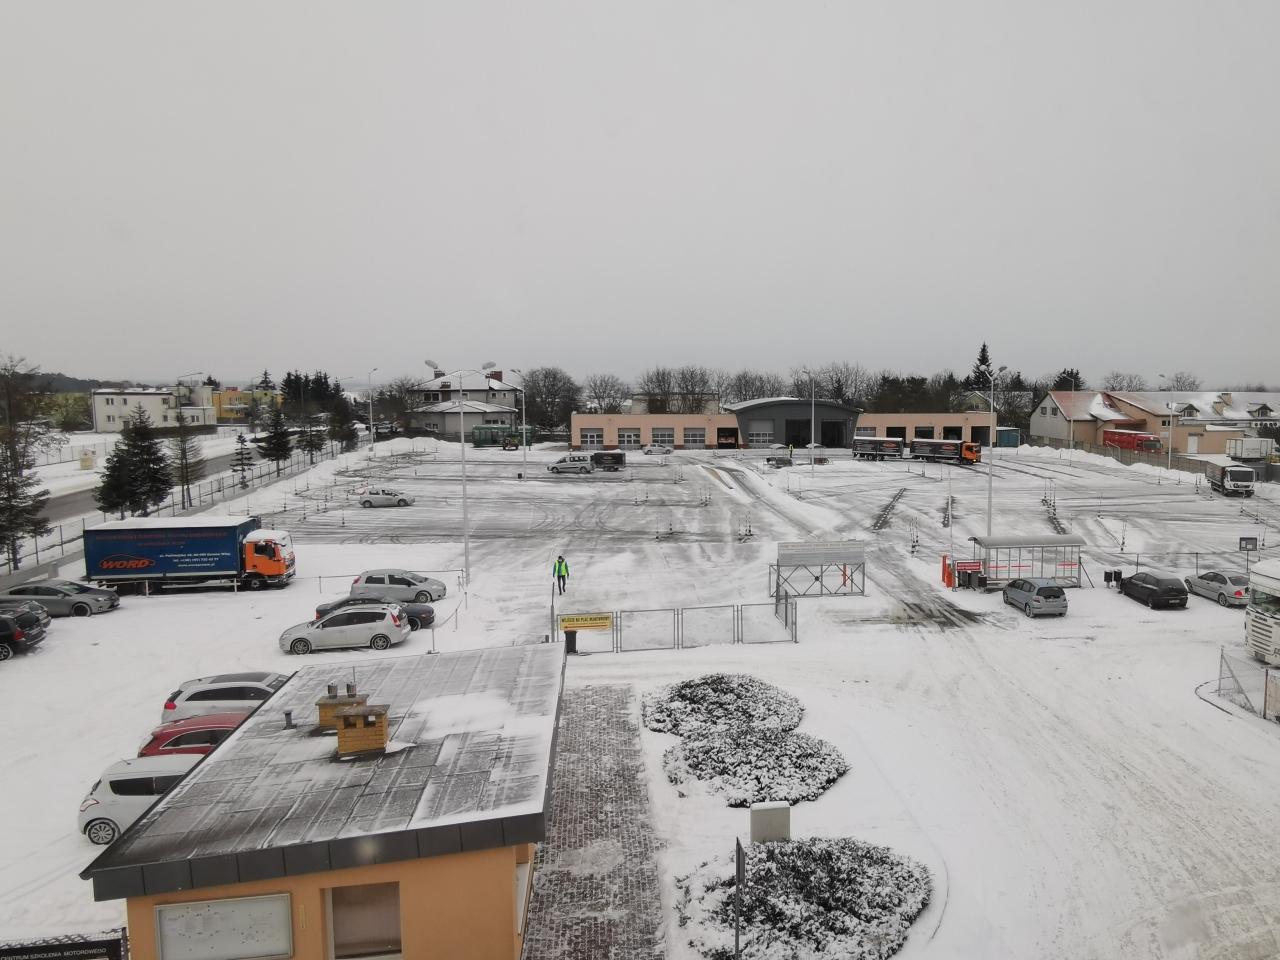 Plac manewrowy i egzaminy zimą